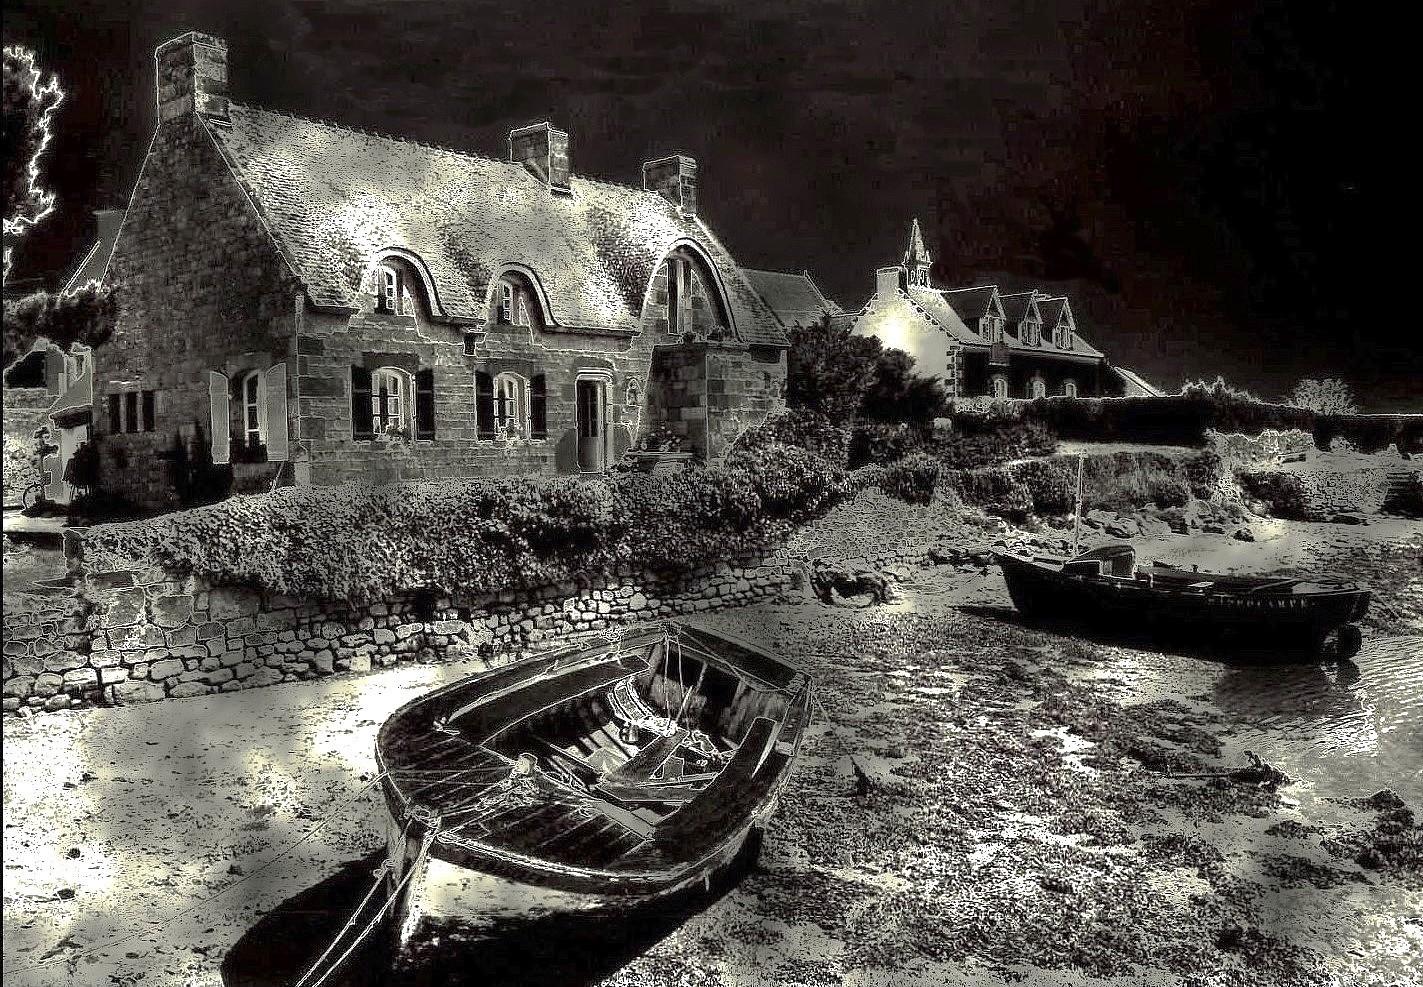 La chaumière et les barques